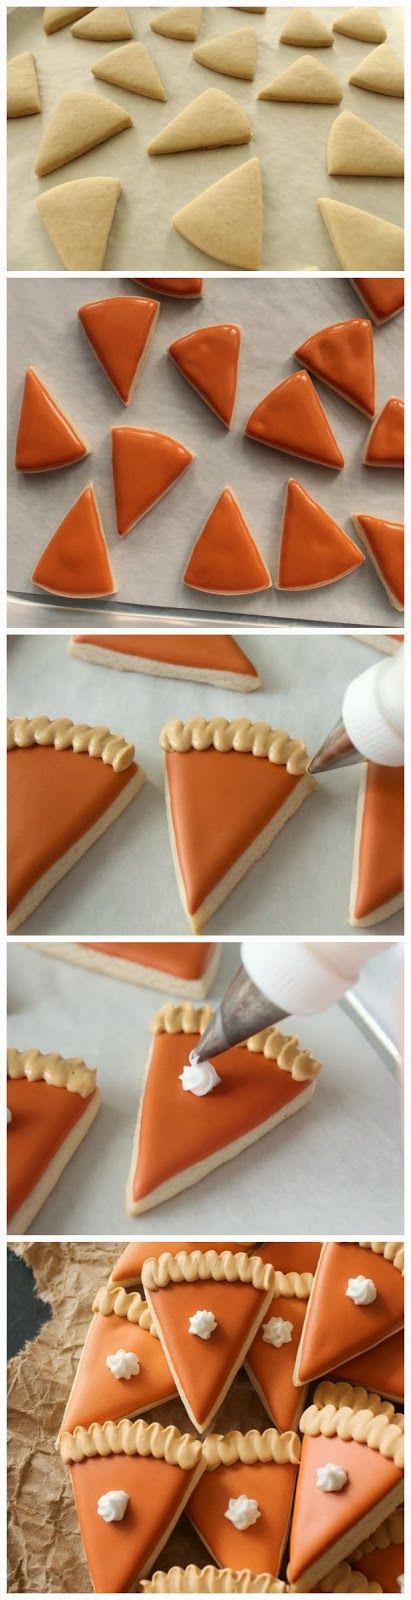 Red Sky Food: Mini-Pumpkin Pie Cookies